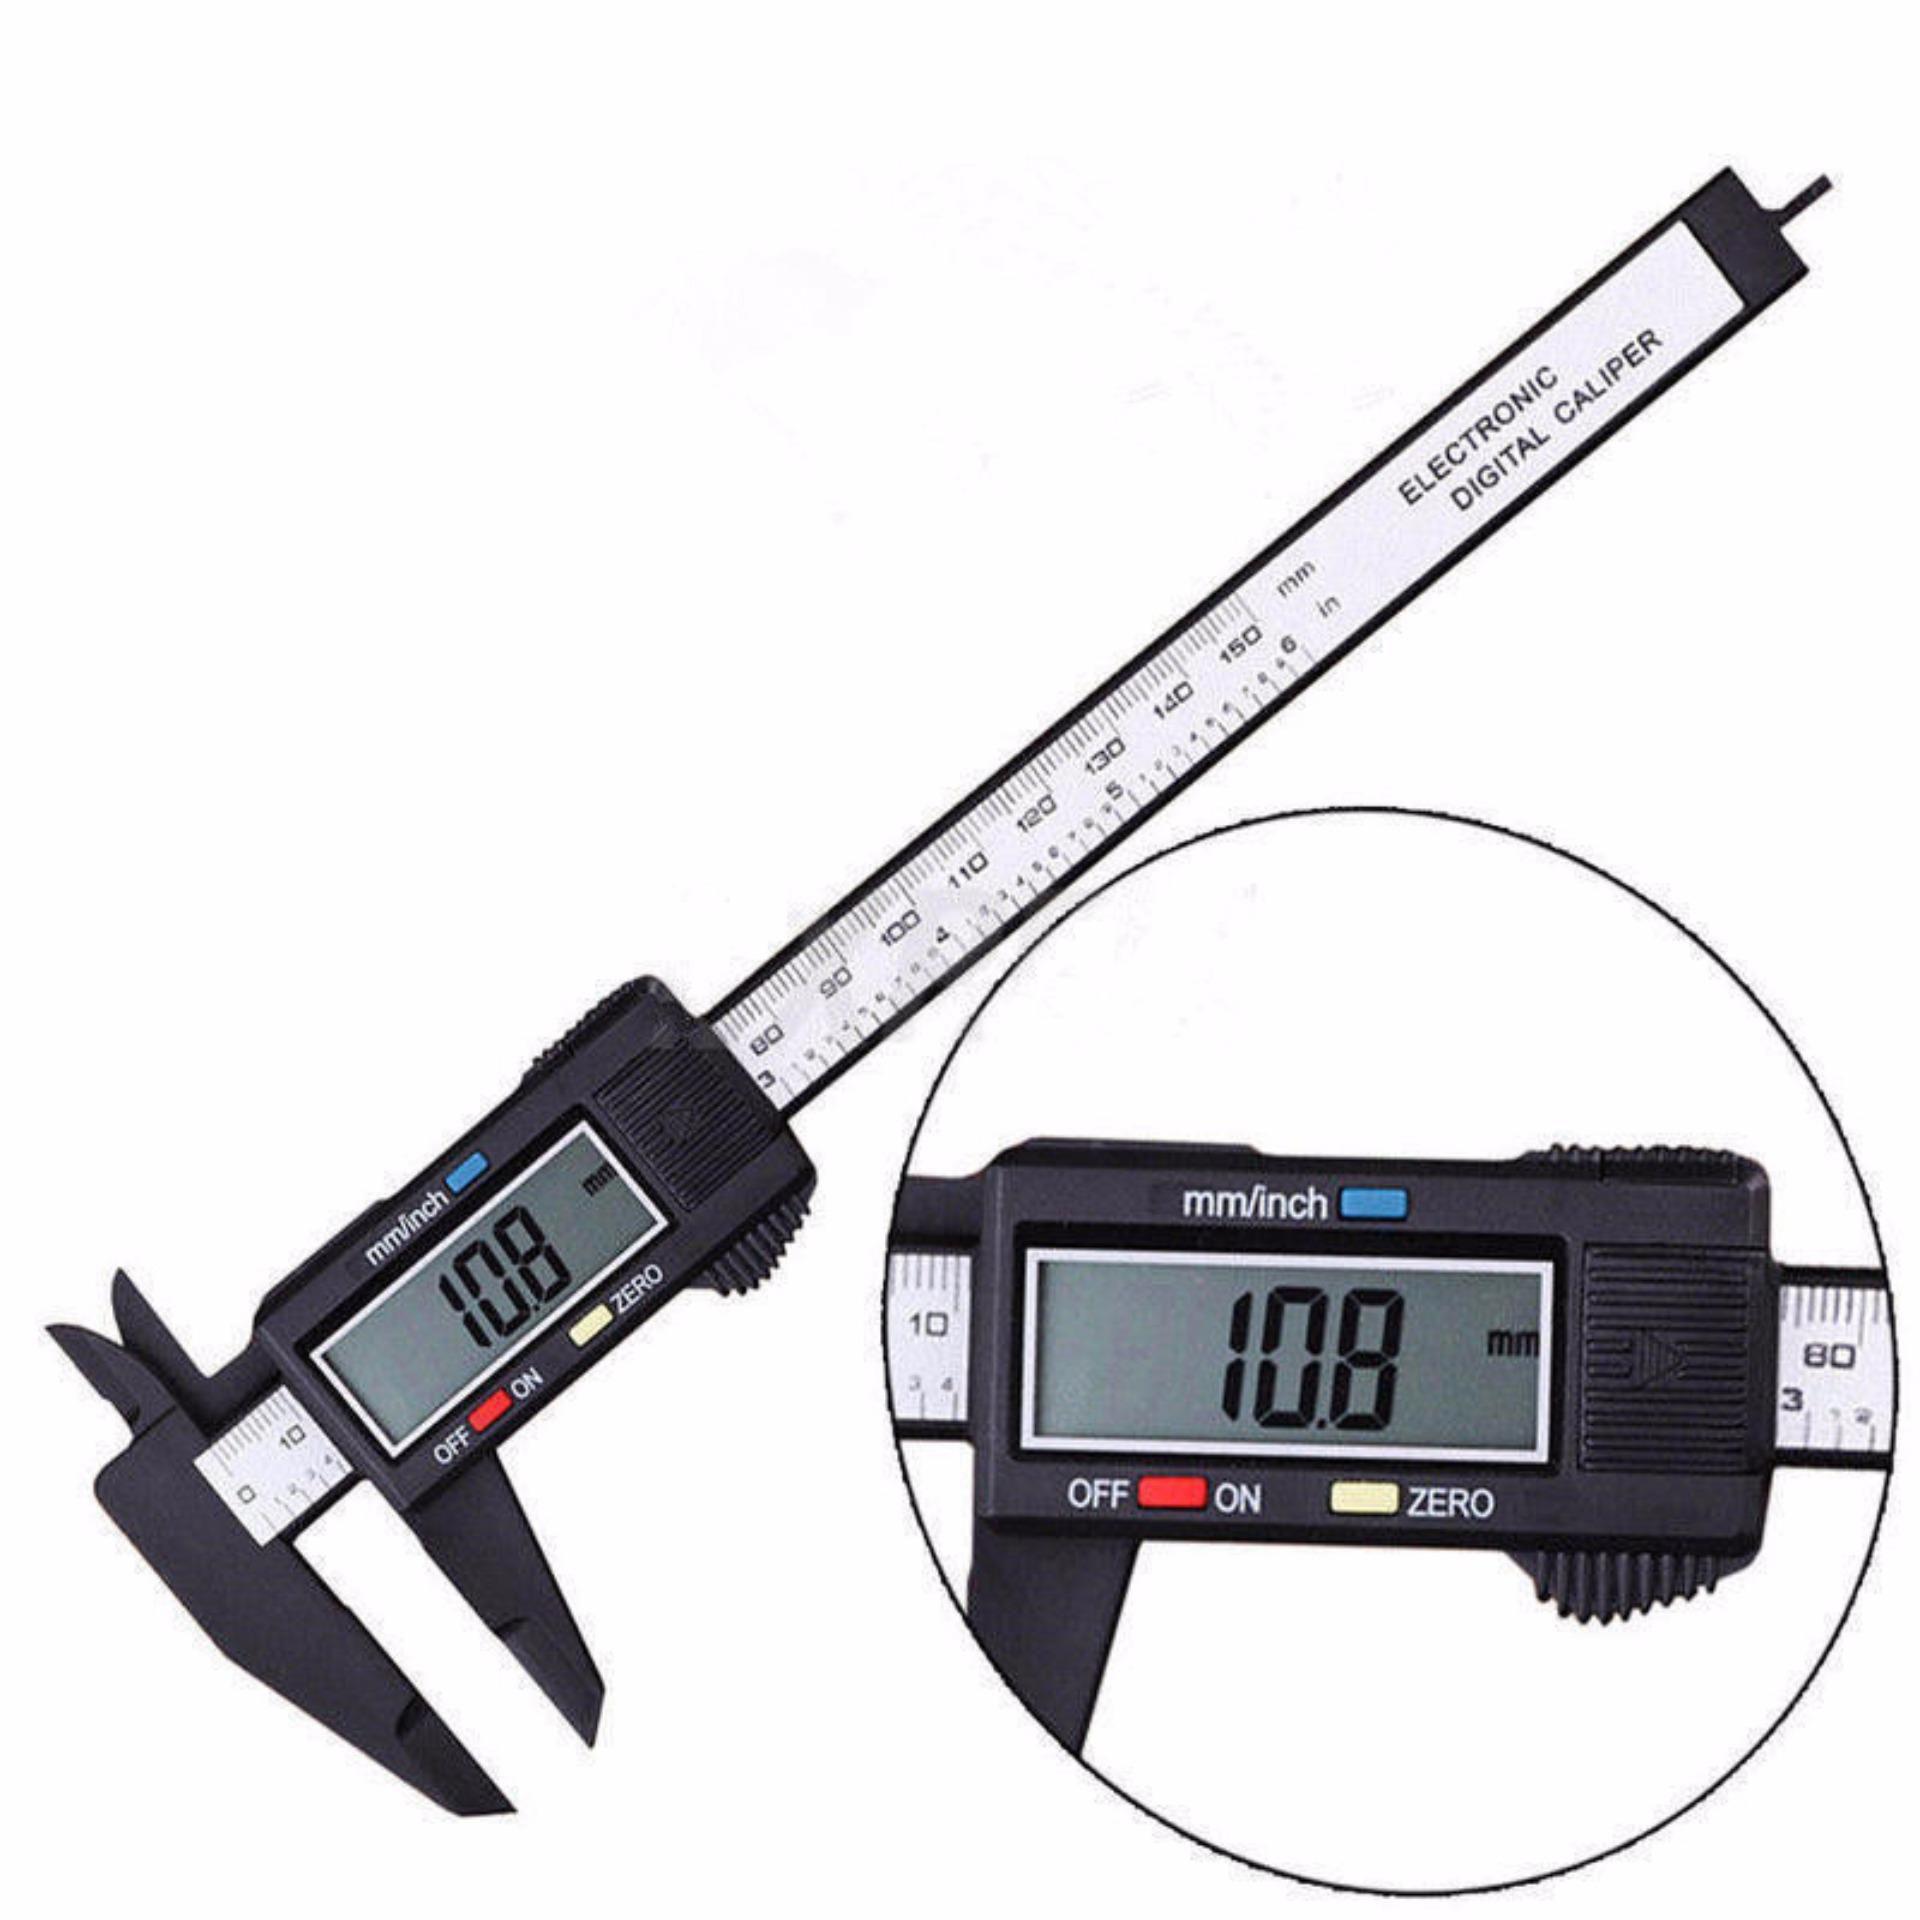 C0215 - Thước kẹp điện tử dải đo 150 mm